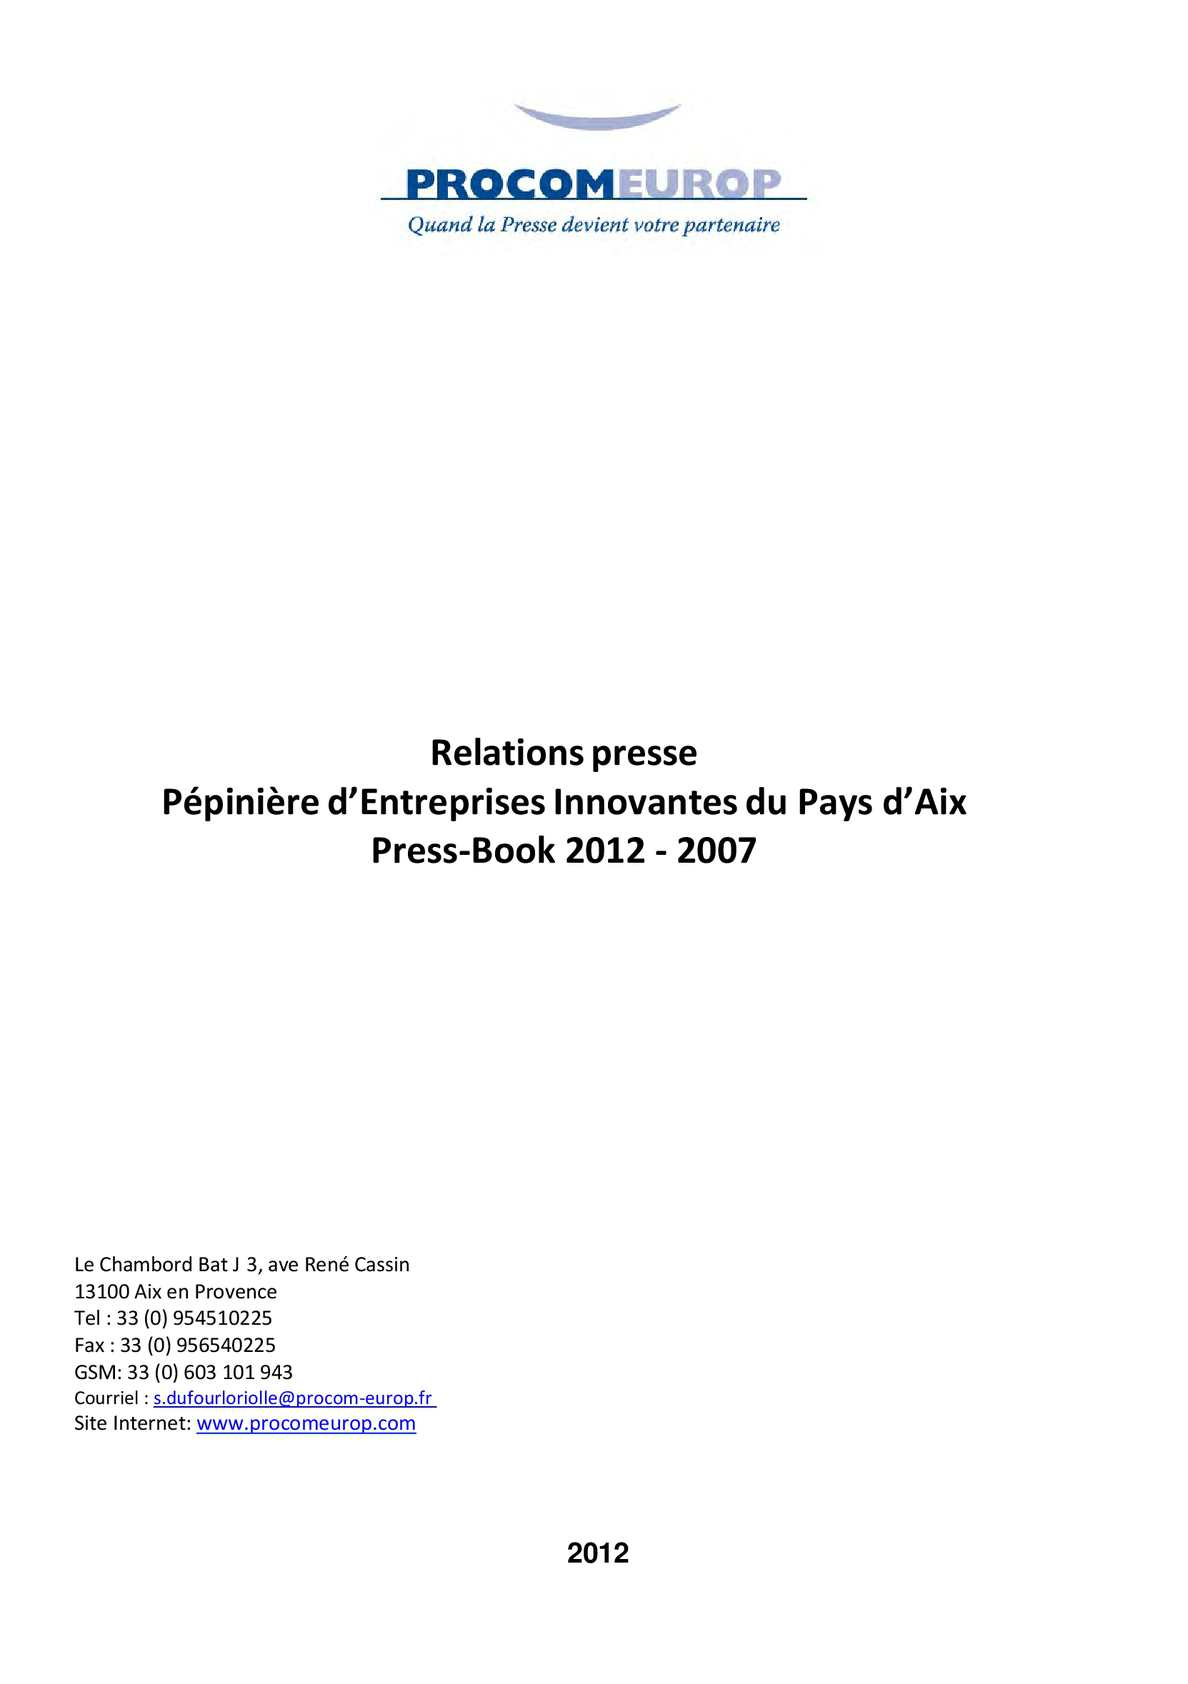 b910d9f86c42fb Calaméo - Press-Book-Pepinières Entreprises Innovantes de la CPA 2012-2007